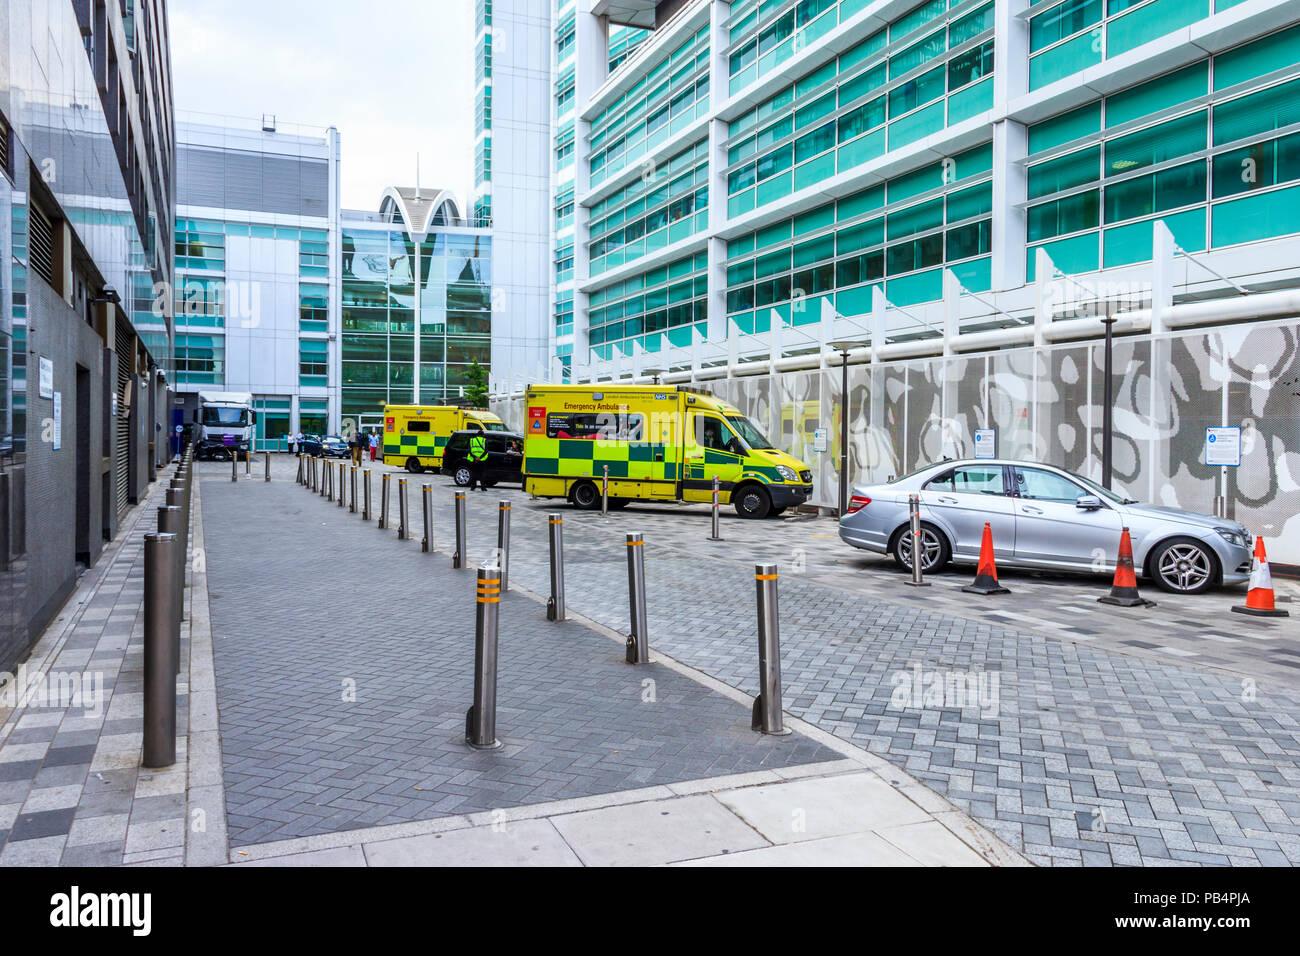 University College Hospital in London, UK Stockbild